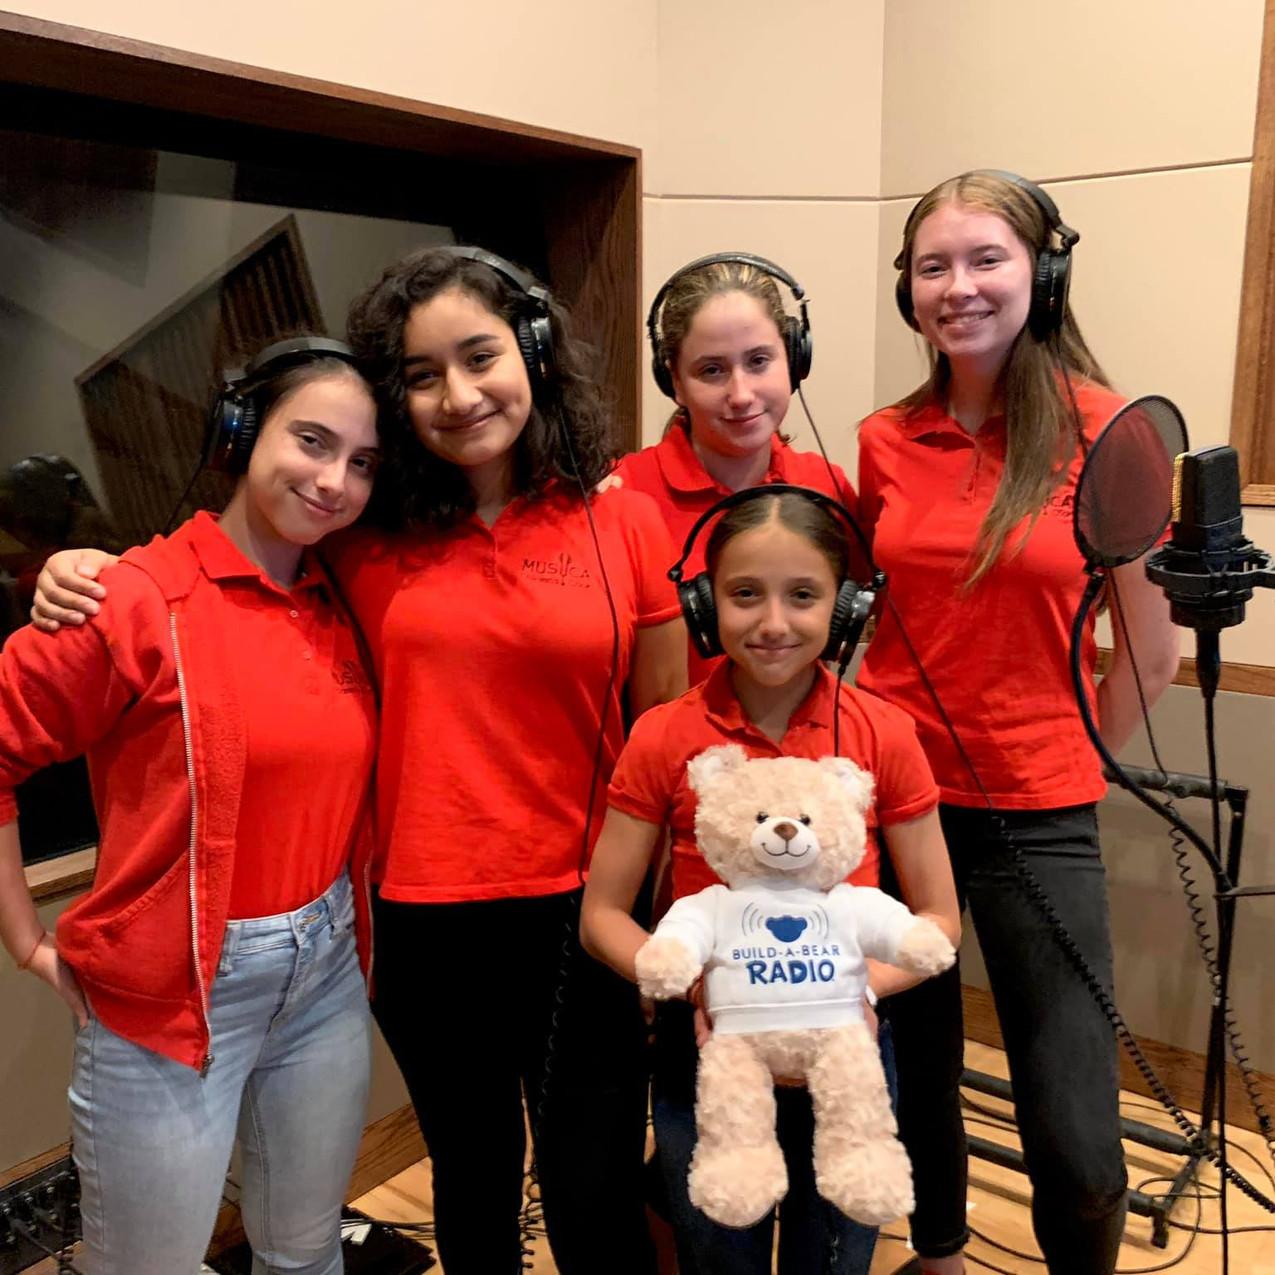 MUSYCA Children's Choir records an album